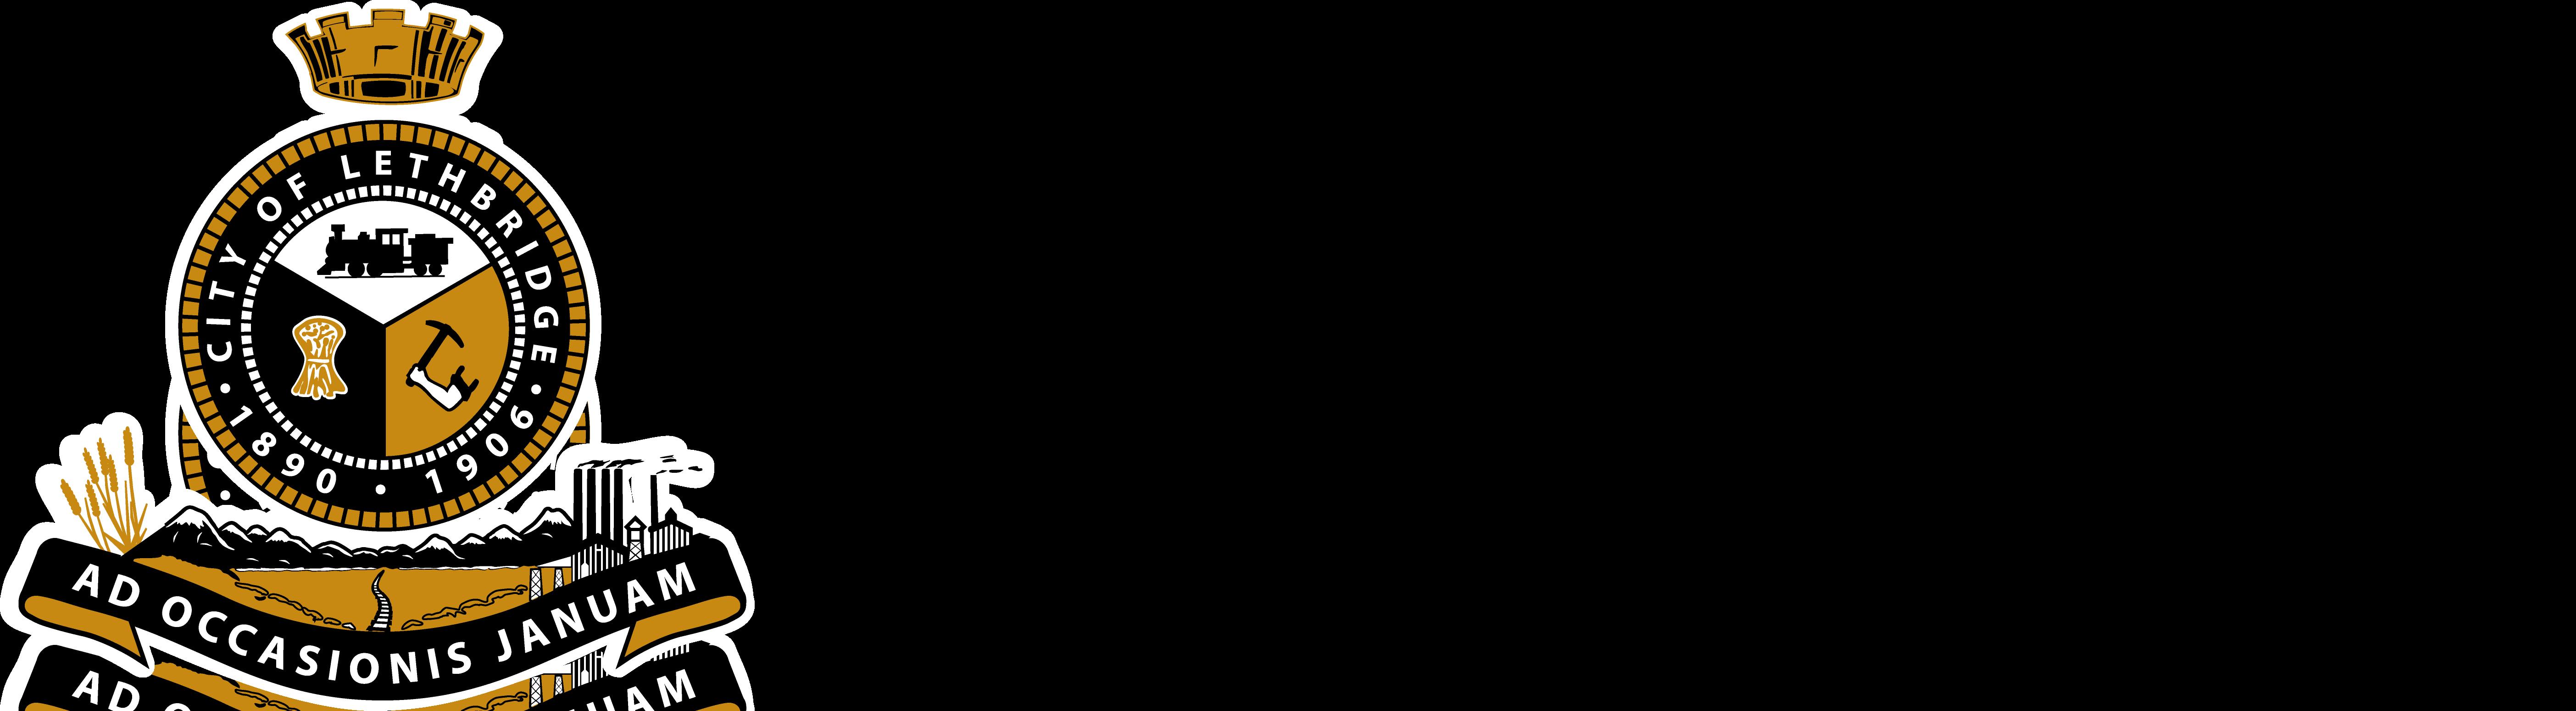 Lethbridge_Logo.png